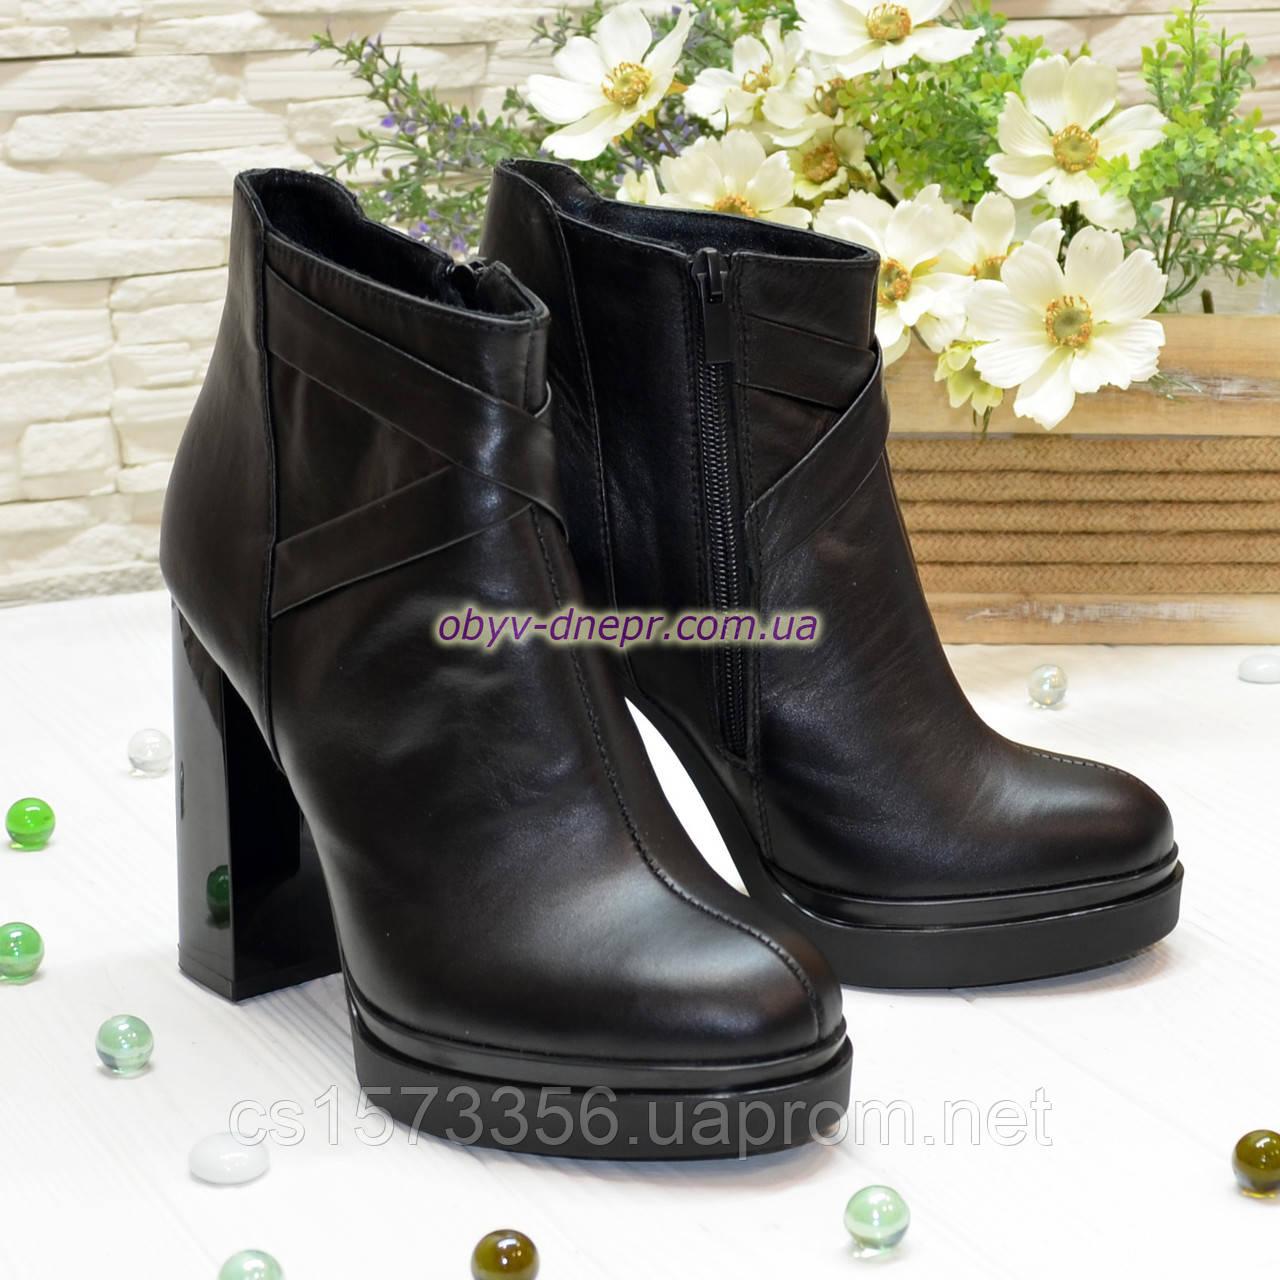 Зимние женские классические ботинки на высоком каблуке, из натуральной черного кожи